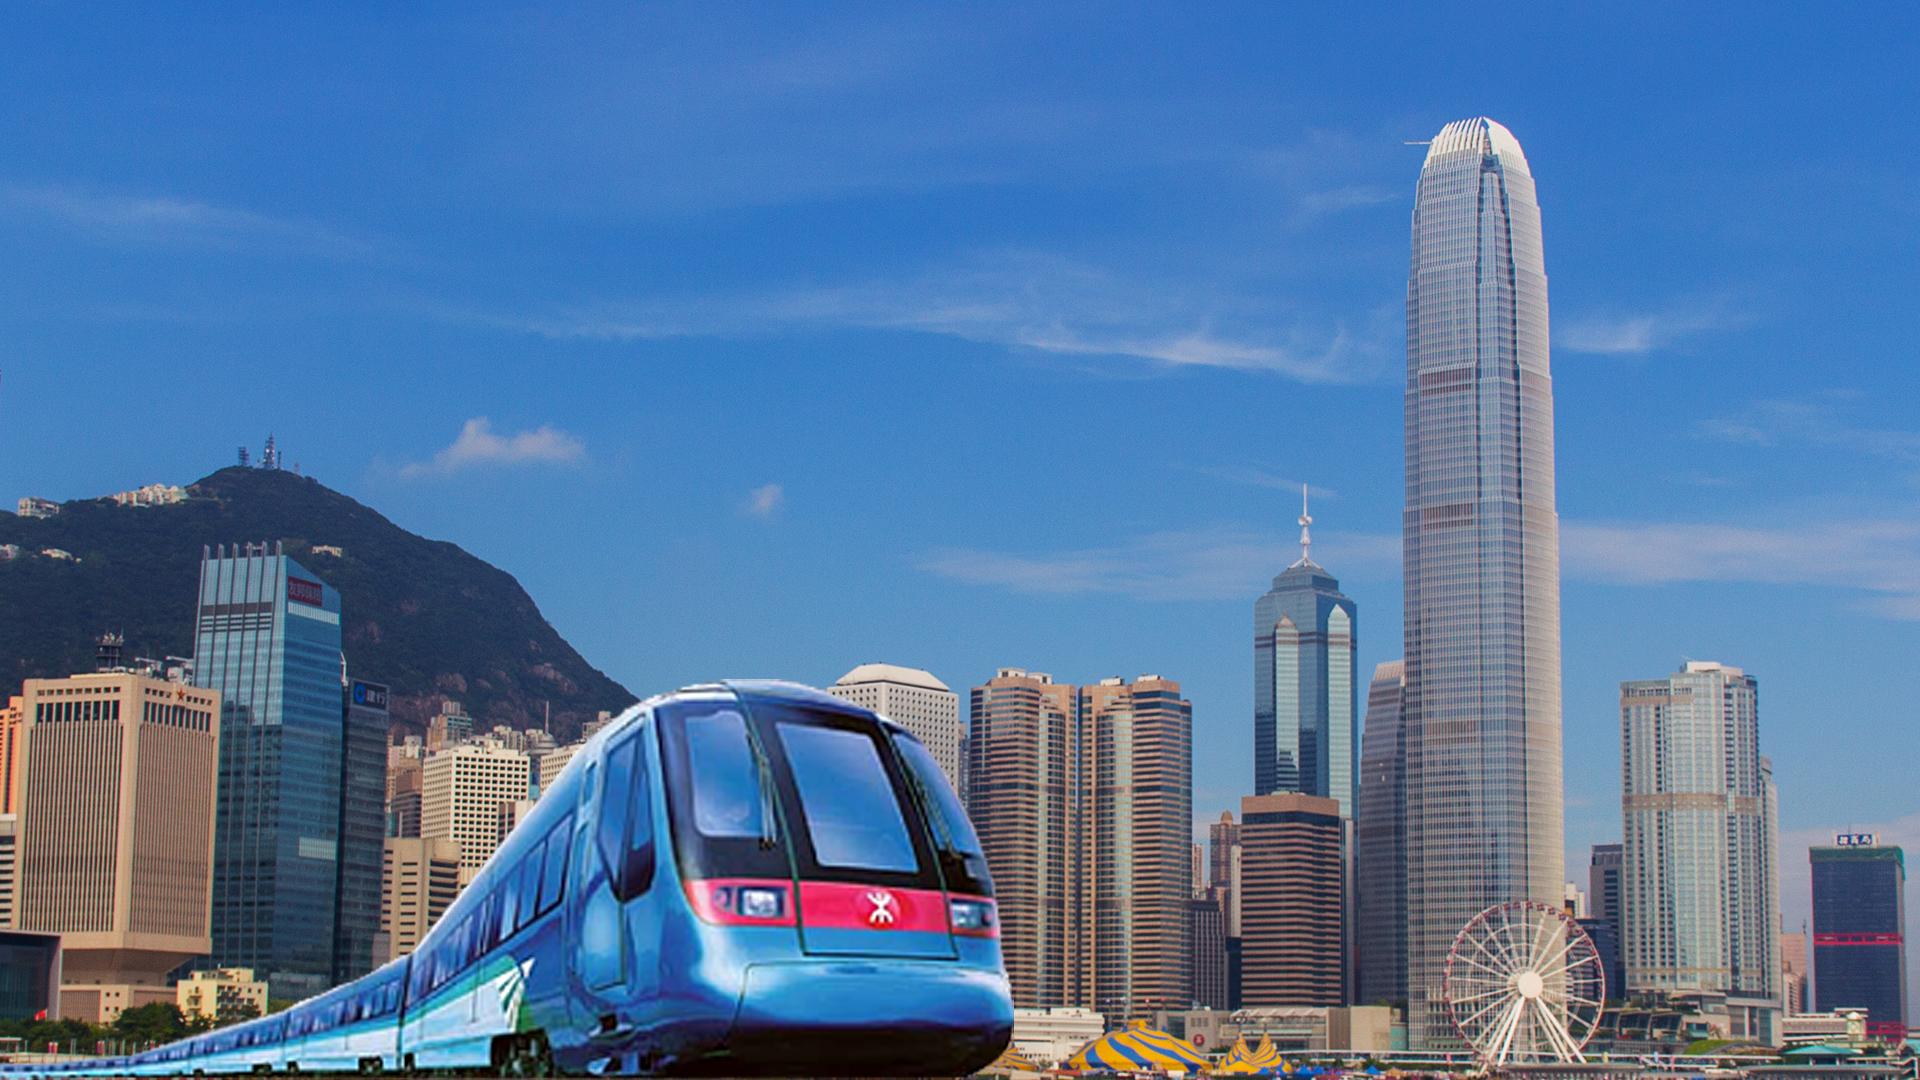 �ล�าร���หารู�ภา�สำหรั� Airport Express รถ��สายด�ว� hongkong